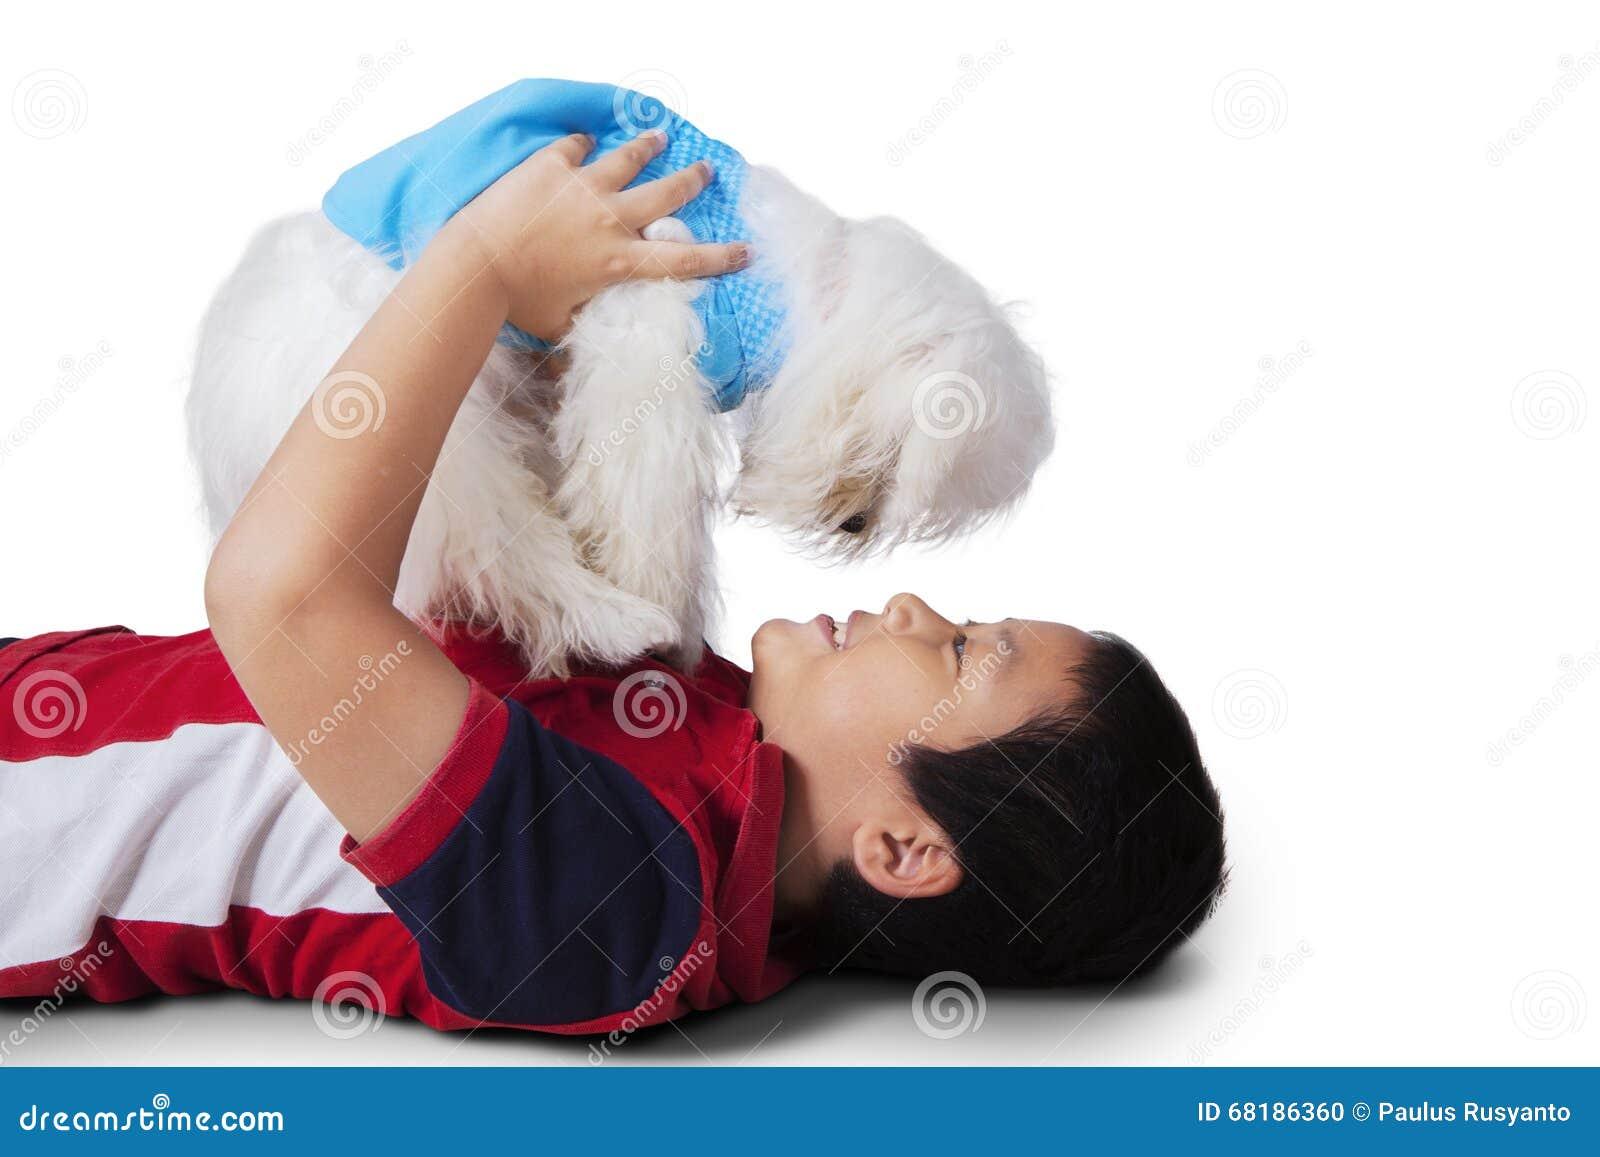 Asiatischer kleiner Junge, der maltesischen Hund spielt